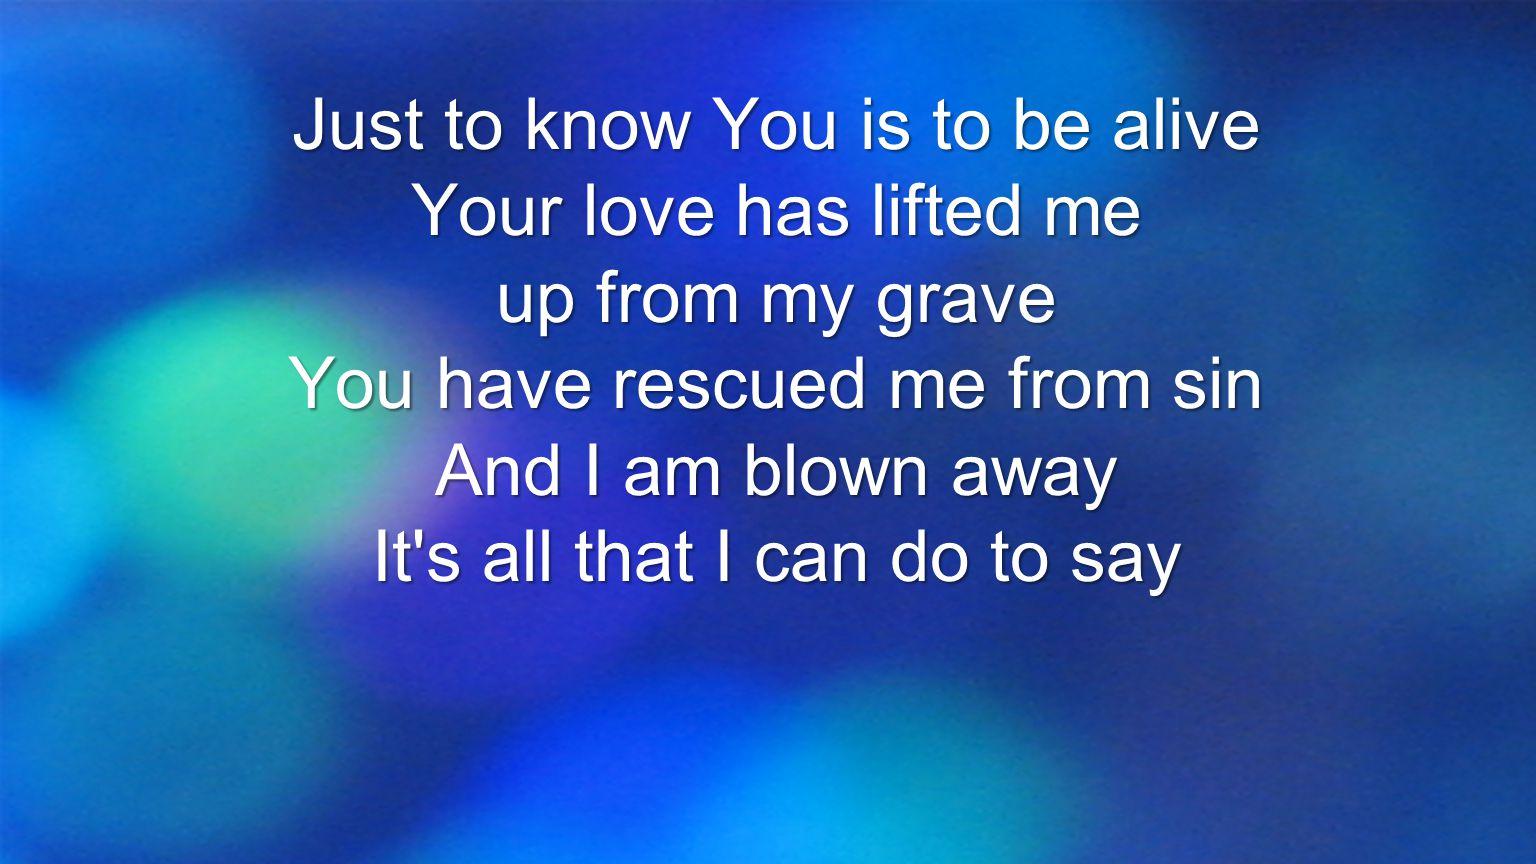 To Him be glory, to Him be glory, to Him be glory, Forever Amen.